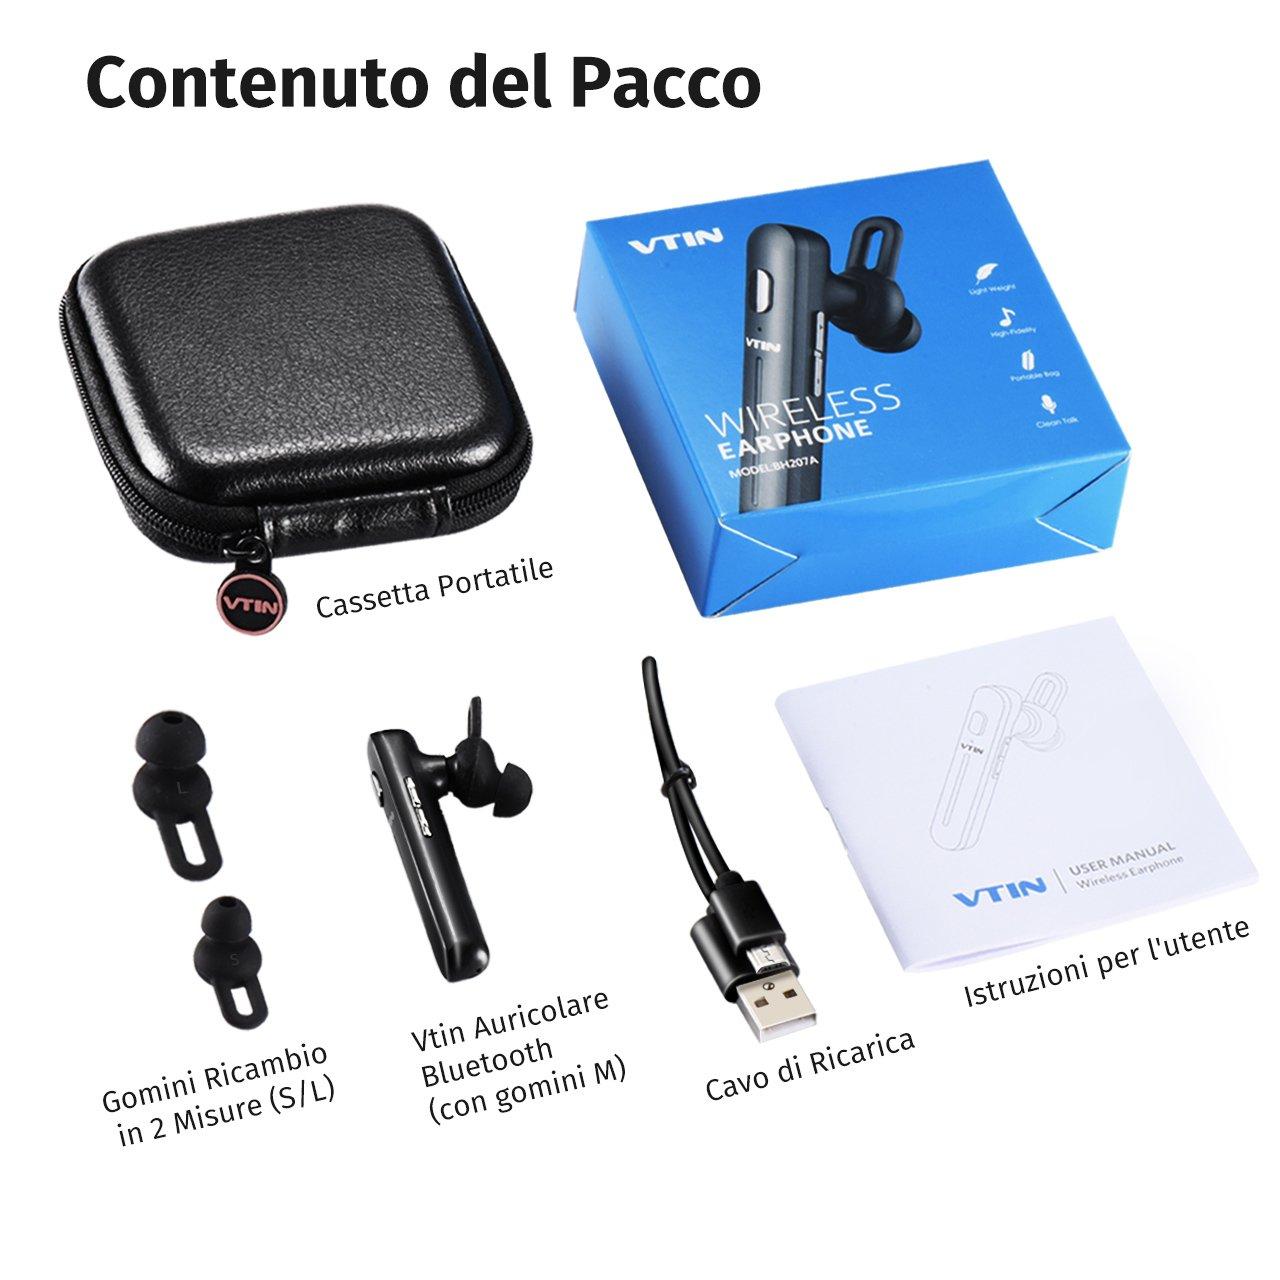 VTIN vtin-207 auricular Bluetooth 4.1 Auricular inalámbrico Bluetooth Mono con micrófono incorporado Manos libres para IOS y Android para oficina, ...